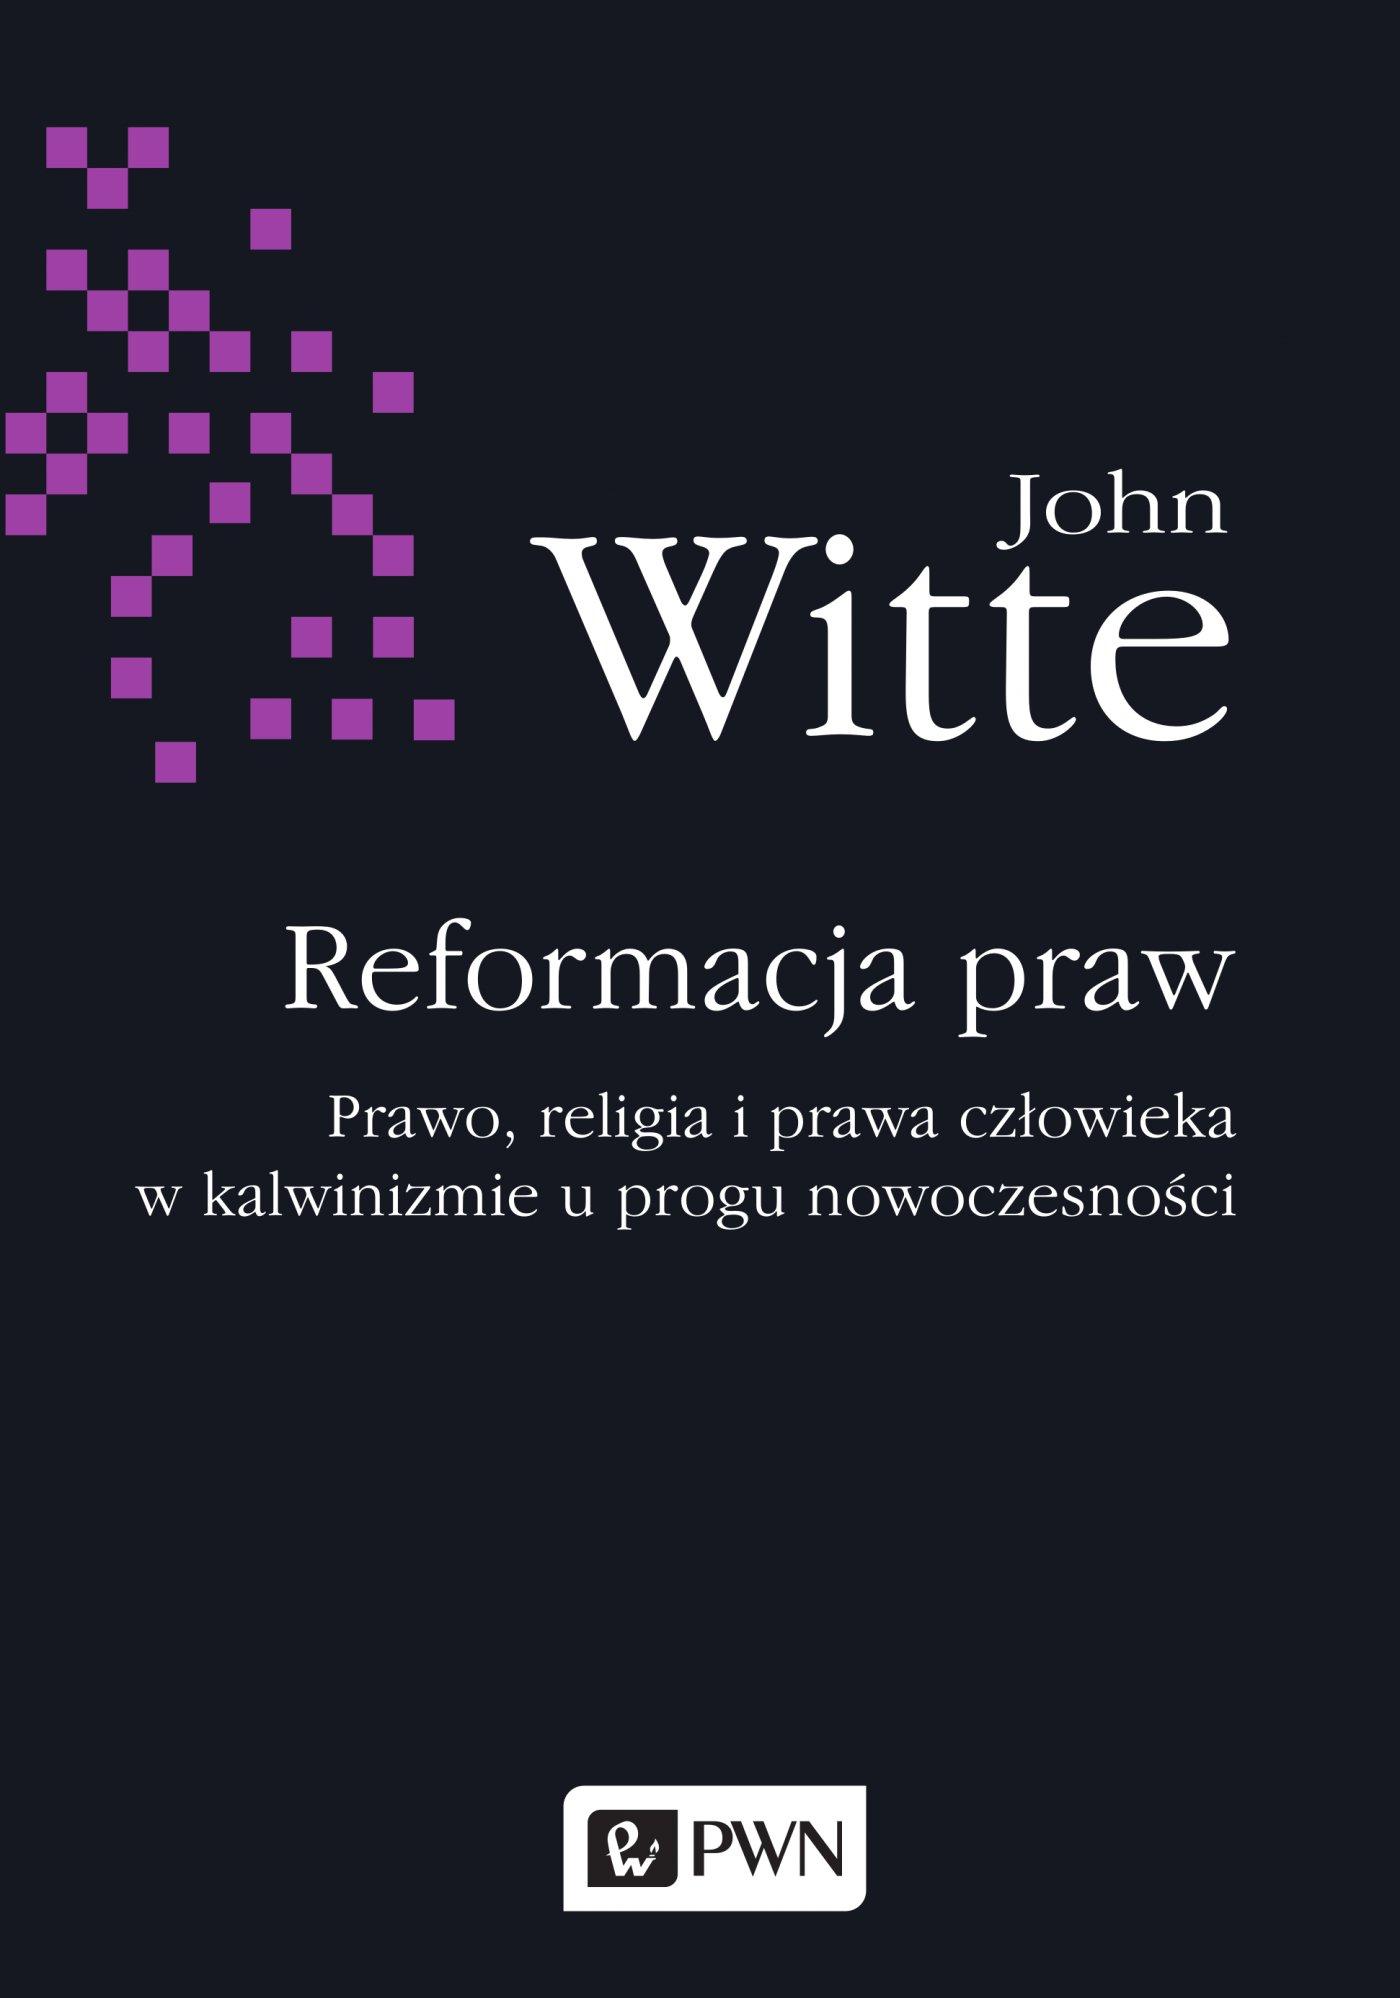 Reformacja praw. Prawo, religia i prawa człowieka w kalwinizmie u progu nowoczesności - Ebook (Książka na Kindle) do pobrania w formacie MOBI